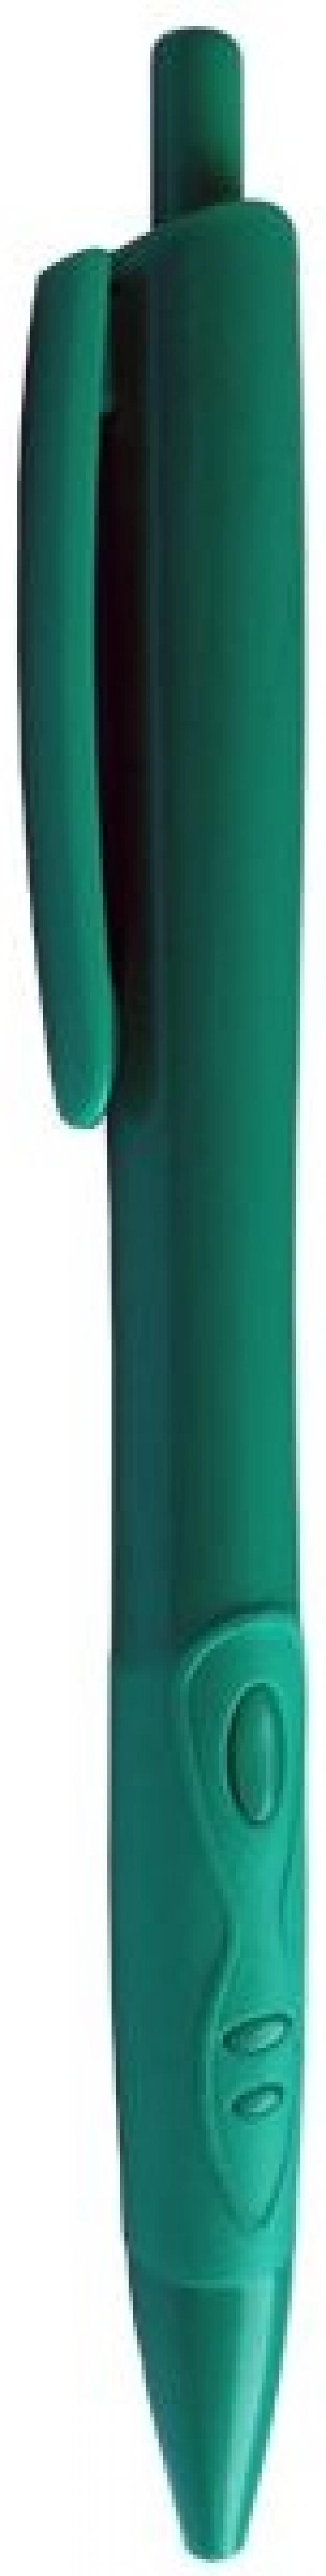 Шариковая ручка автоматическая Index Vinson зеленый 0.7 мм IBP416/GN IBP416/GN шариковая ручка автоматическая index vinson красный 0 7 мм ibp416 rd ibp416 rd